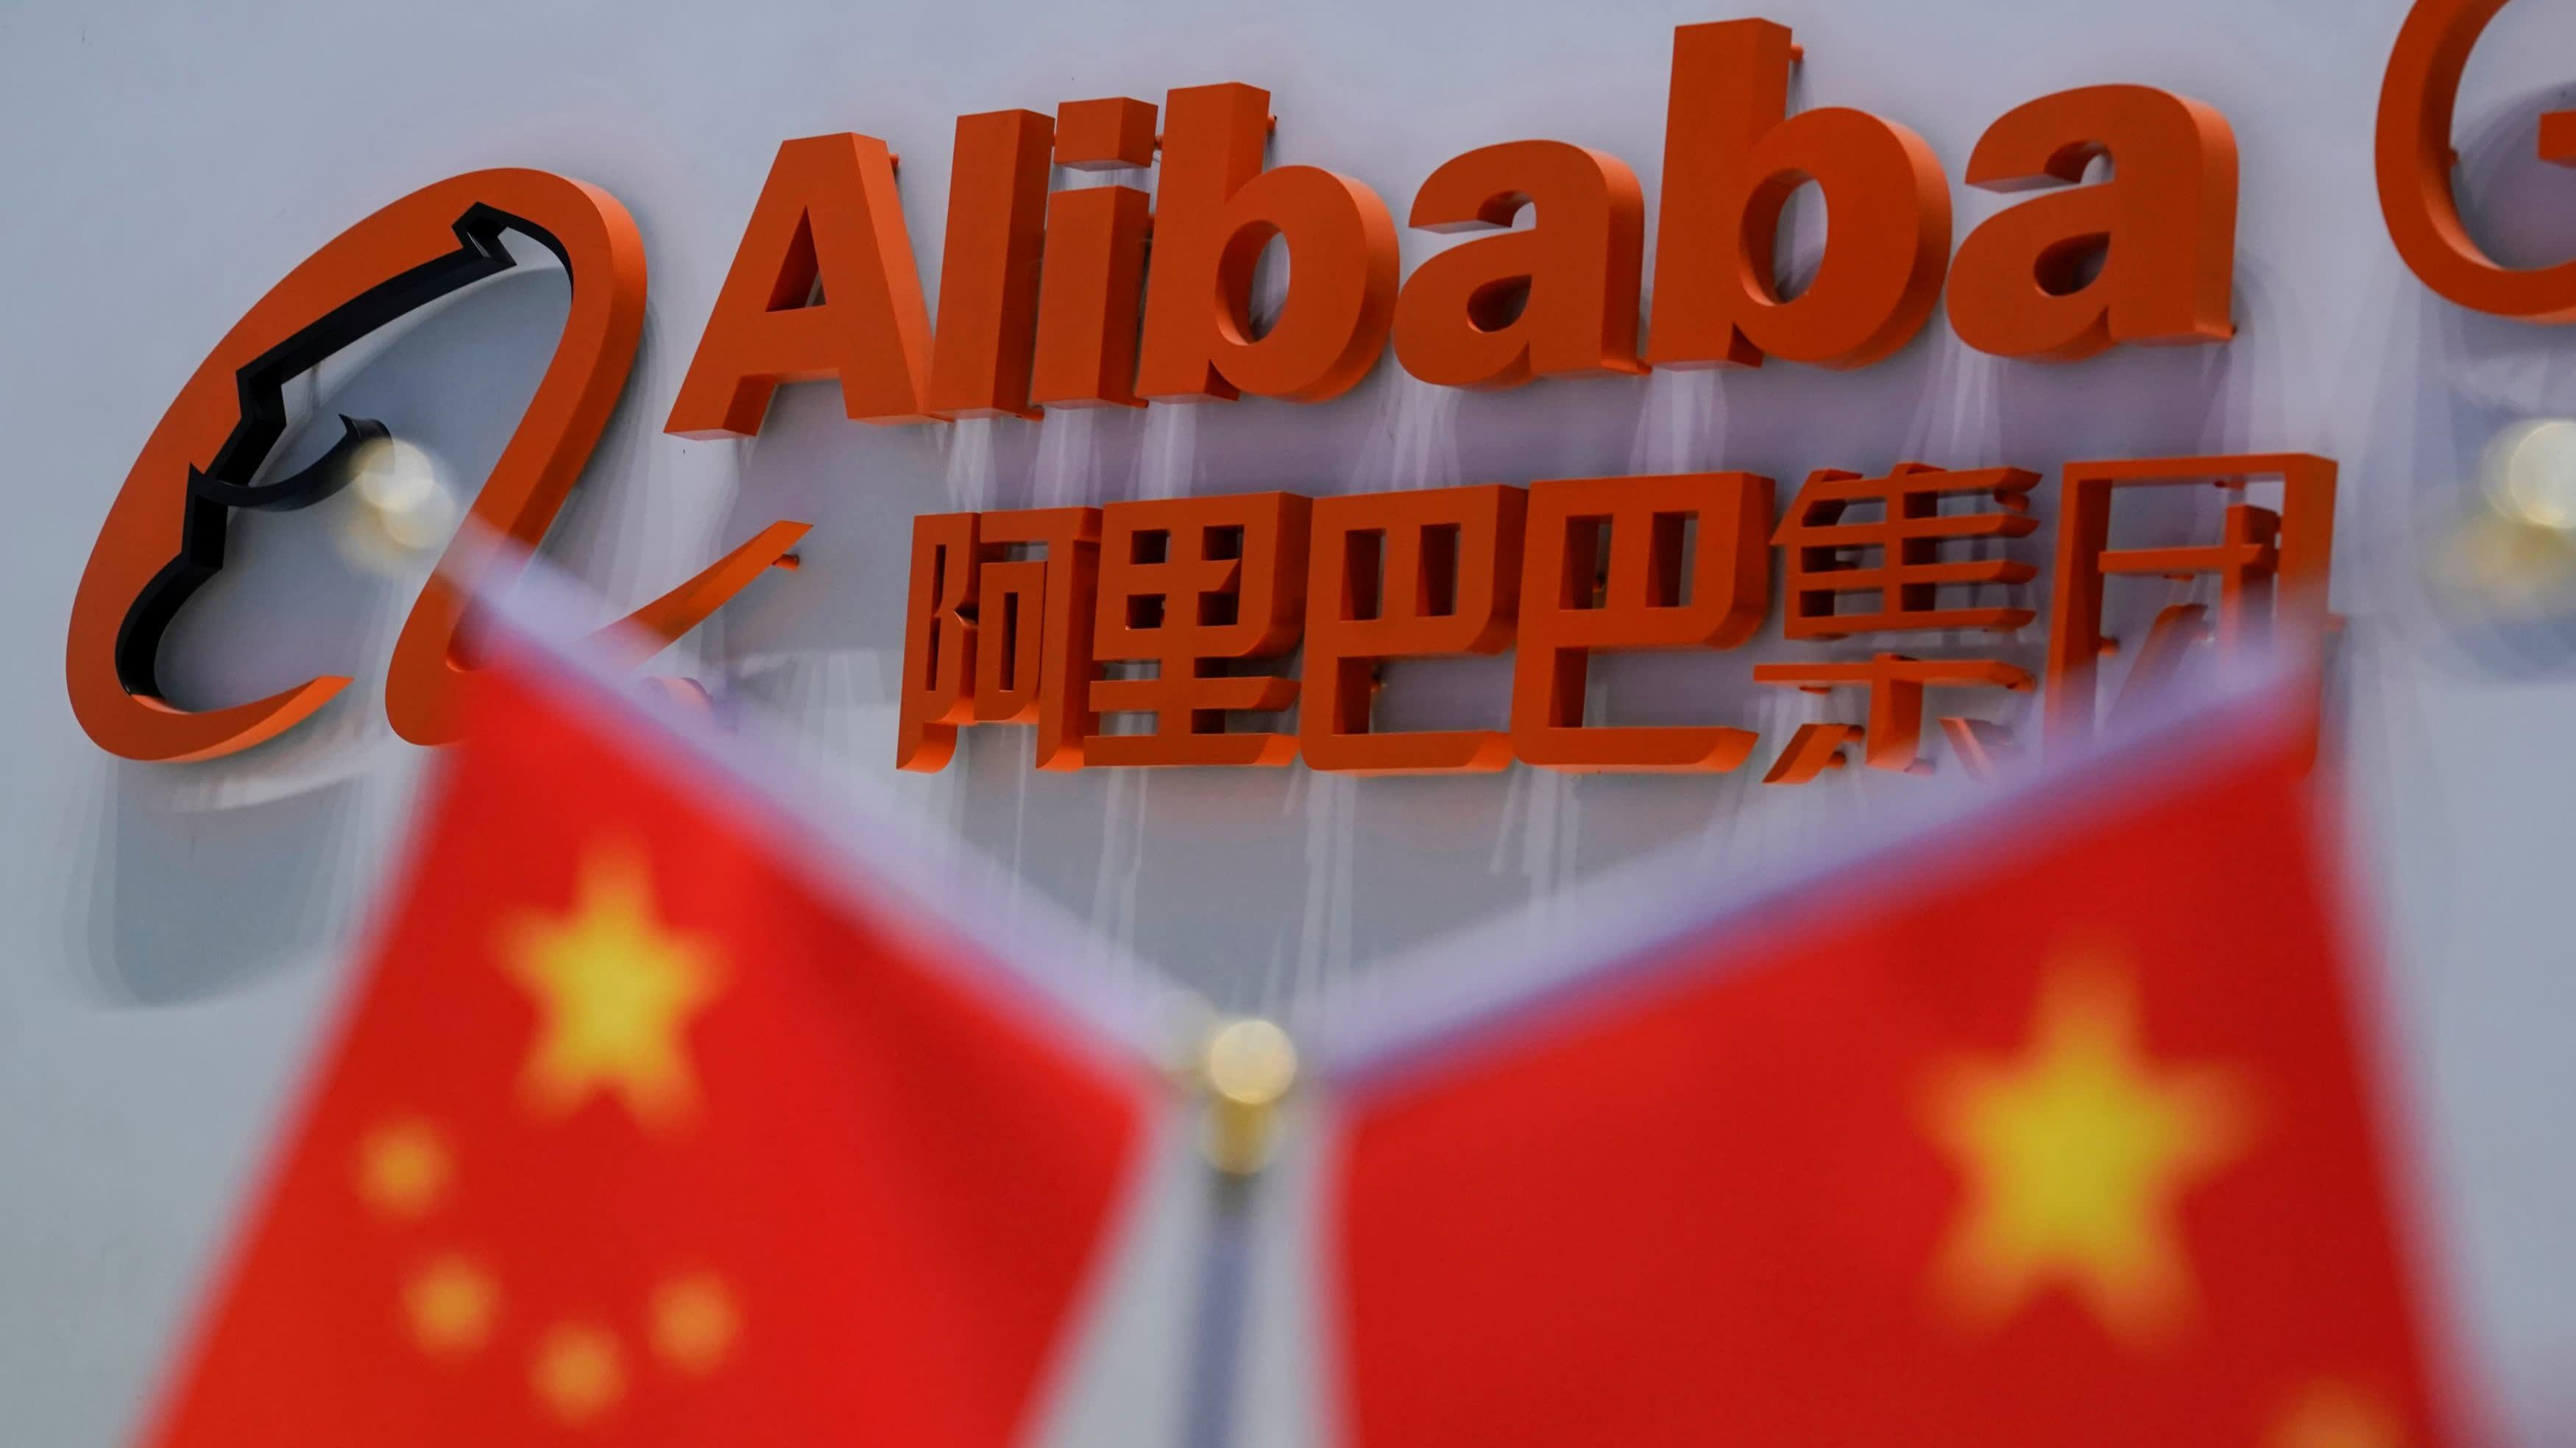 """Trung Quốc sẽ không ngừng """"siết gọng kìm"""" với các ông lớn ngành công nghệ"""